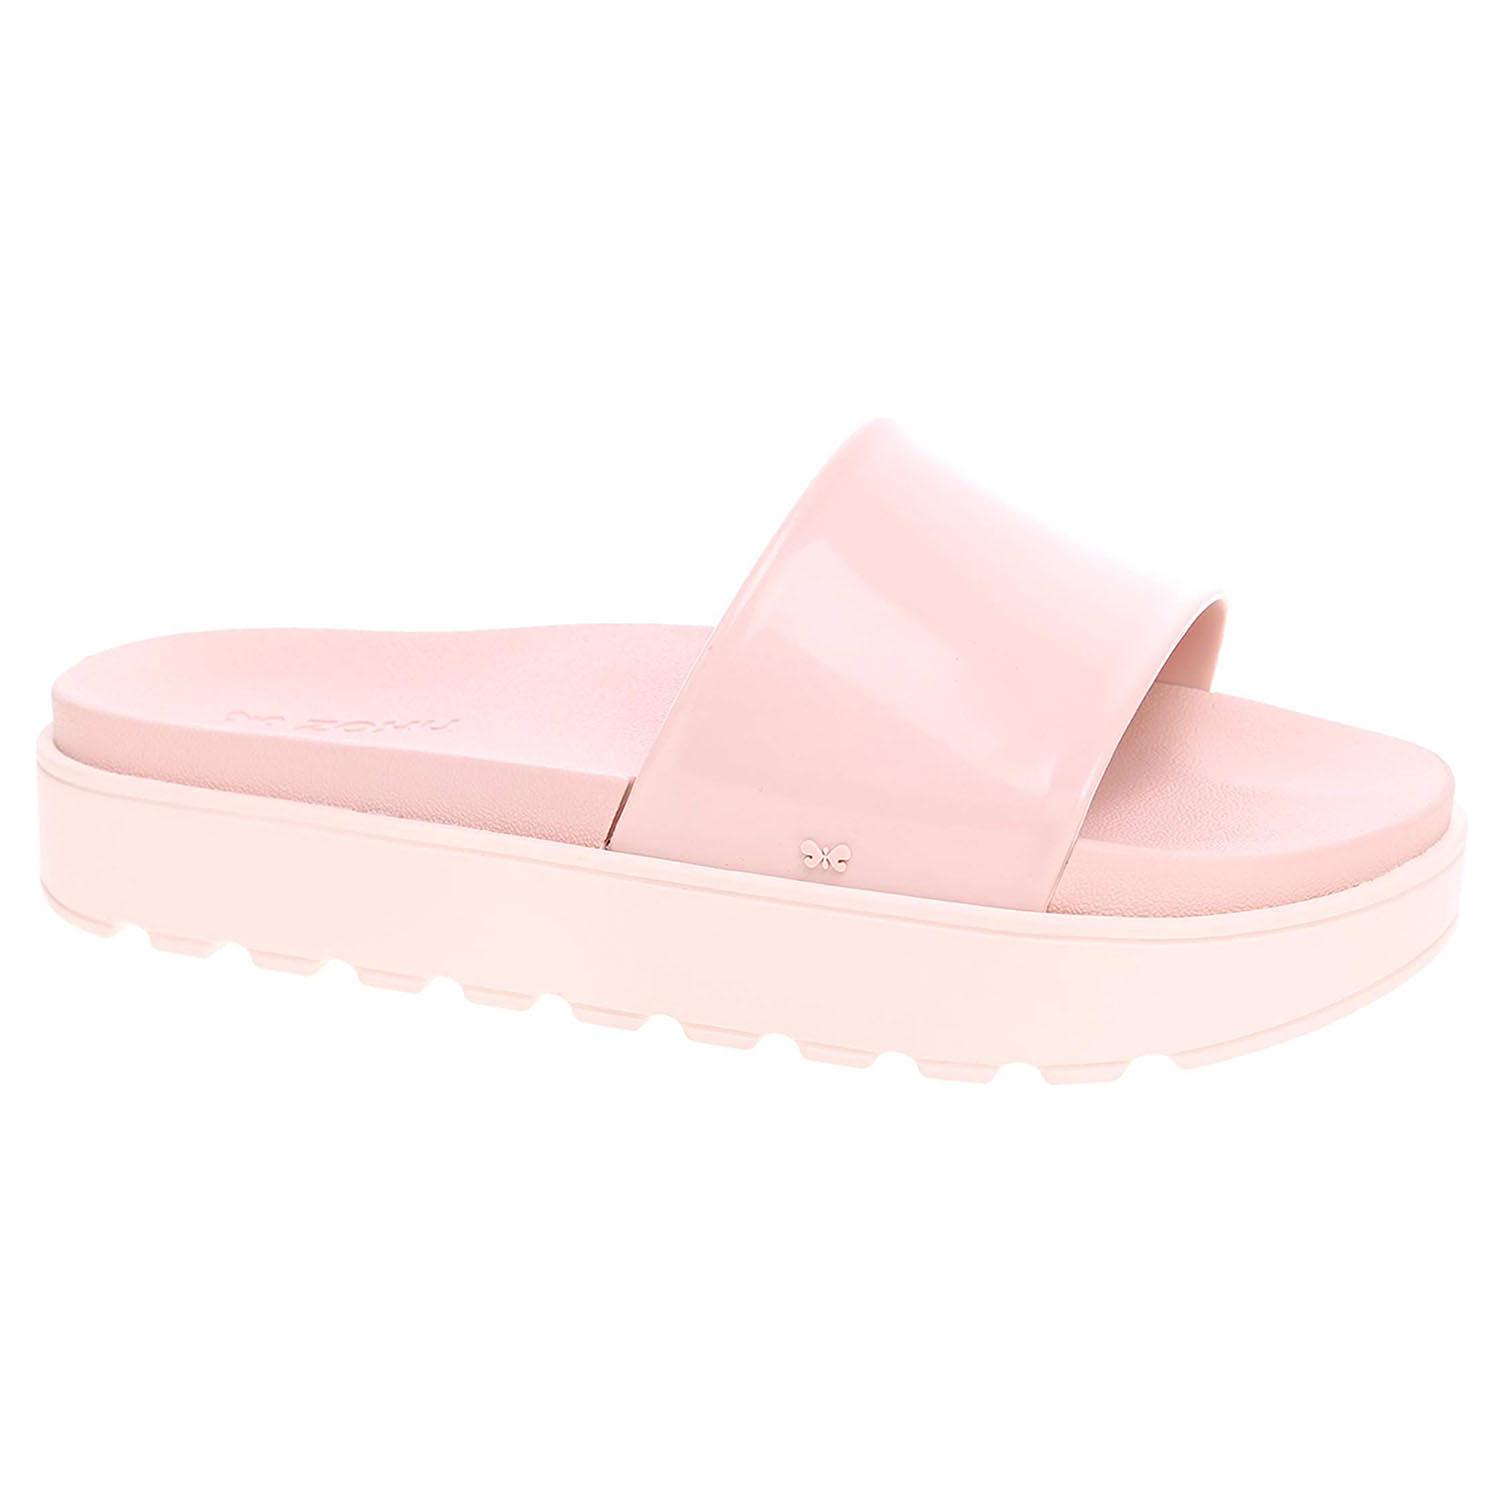 Ecco Plážové pantofle Zaxy 17362 90261 nude-white 23700358